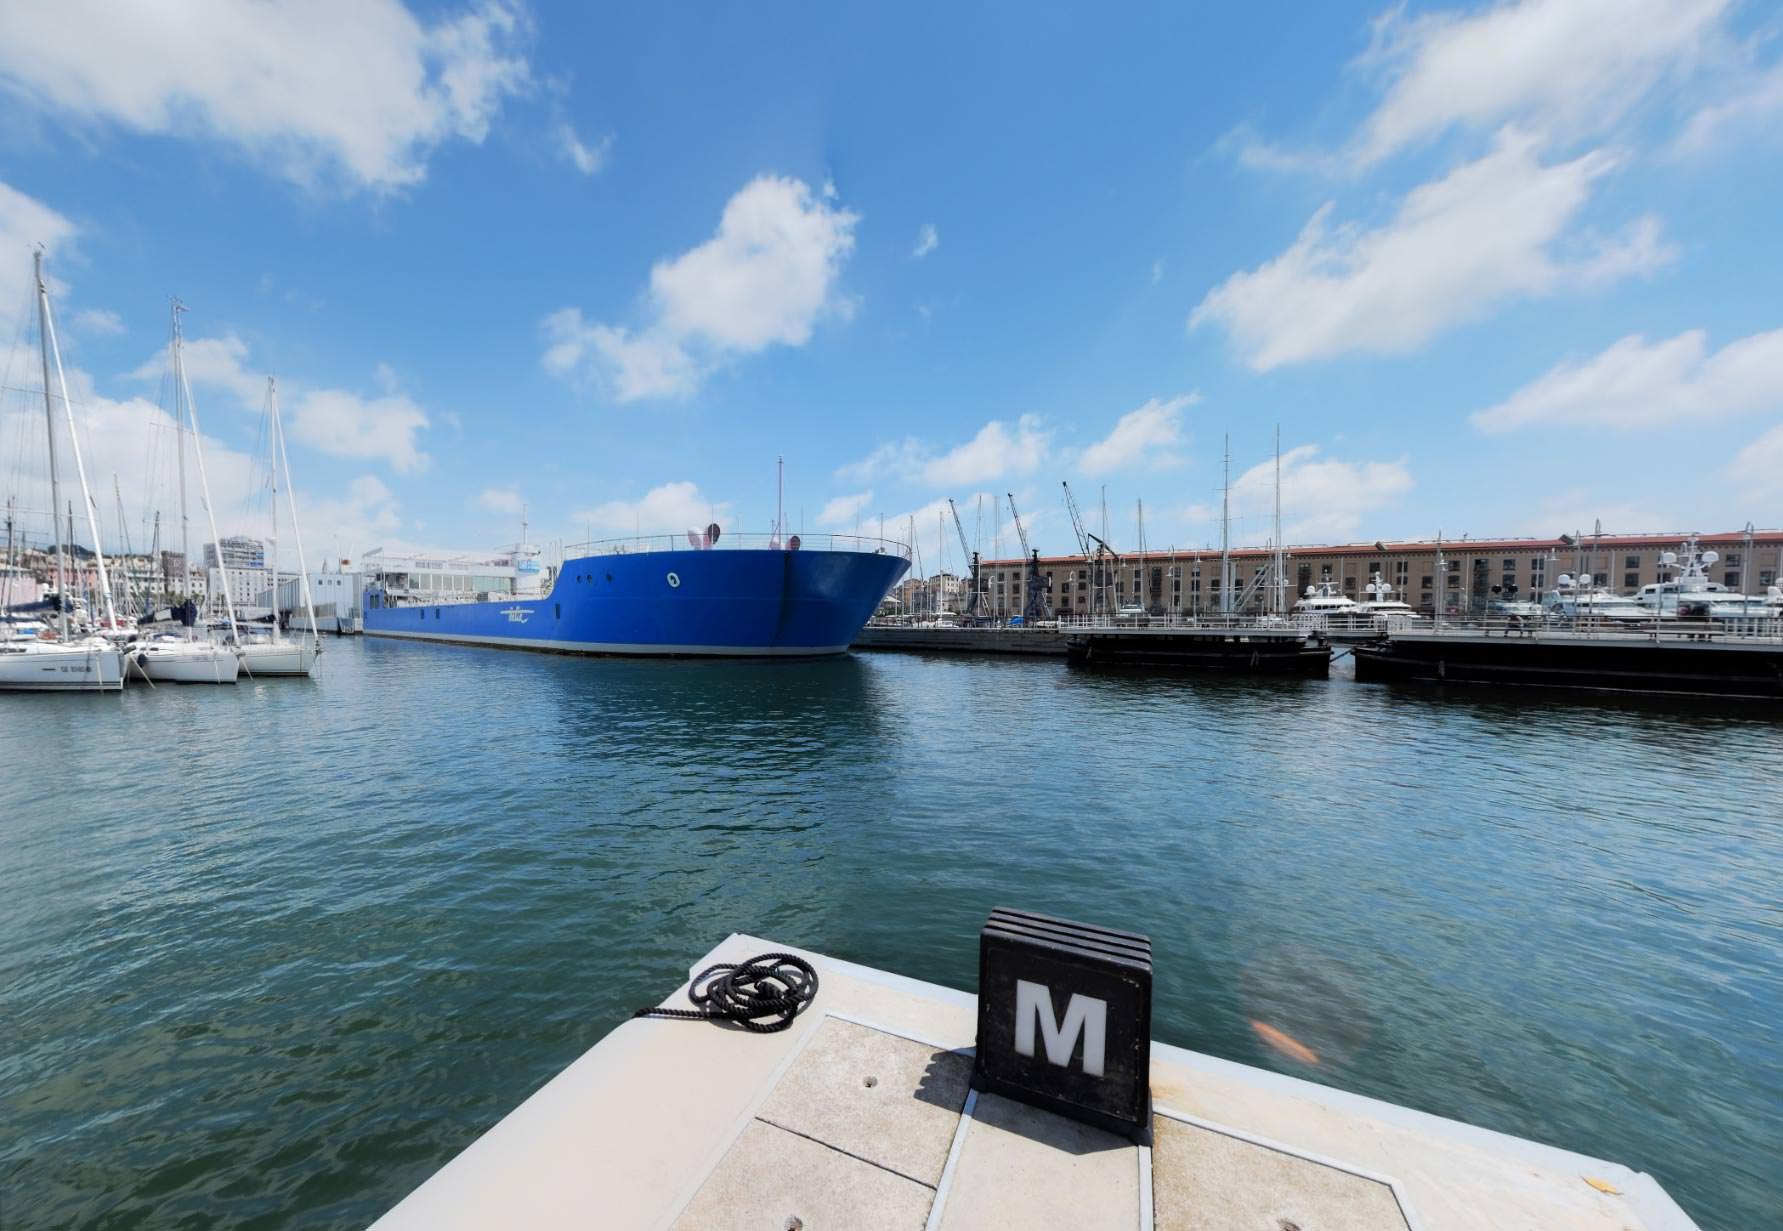 Marina porto Antico a 360